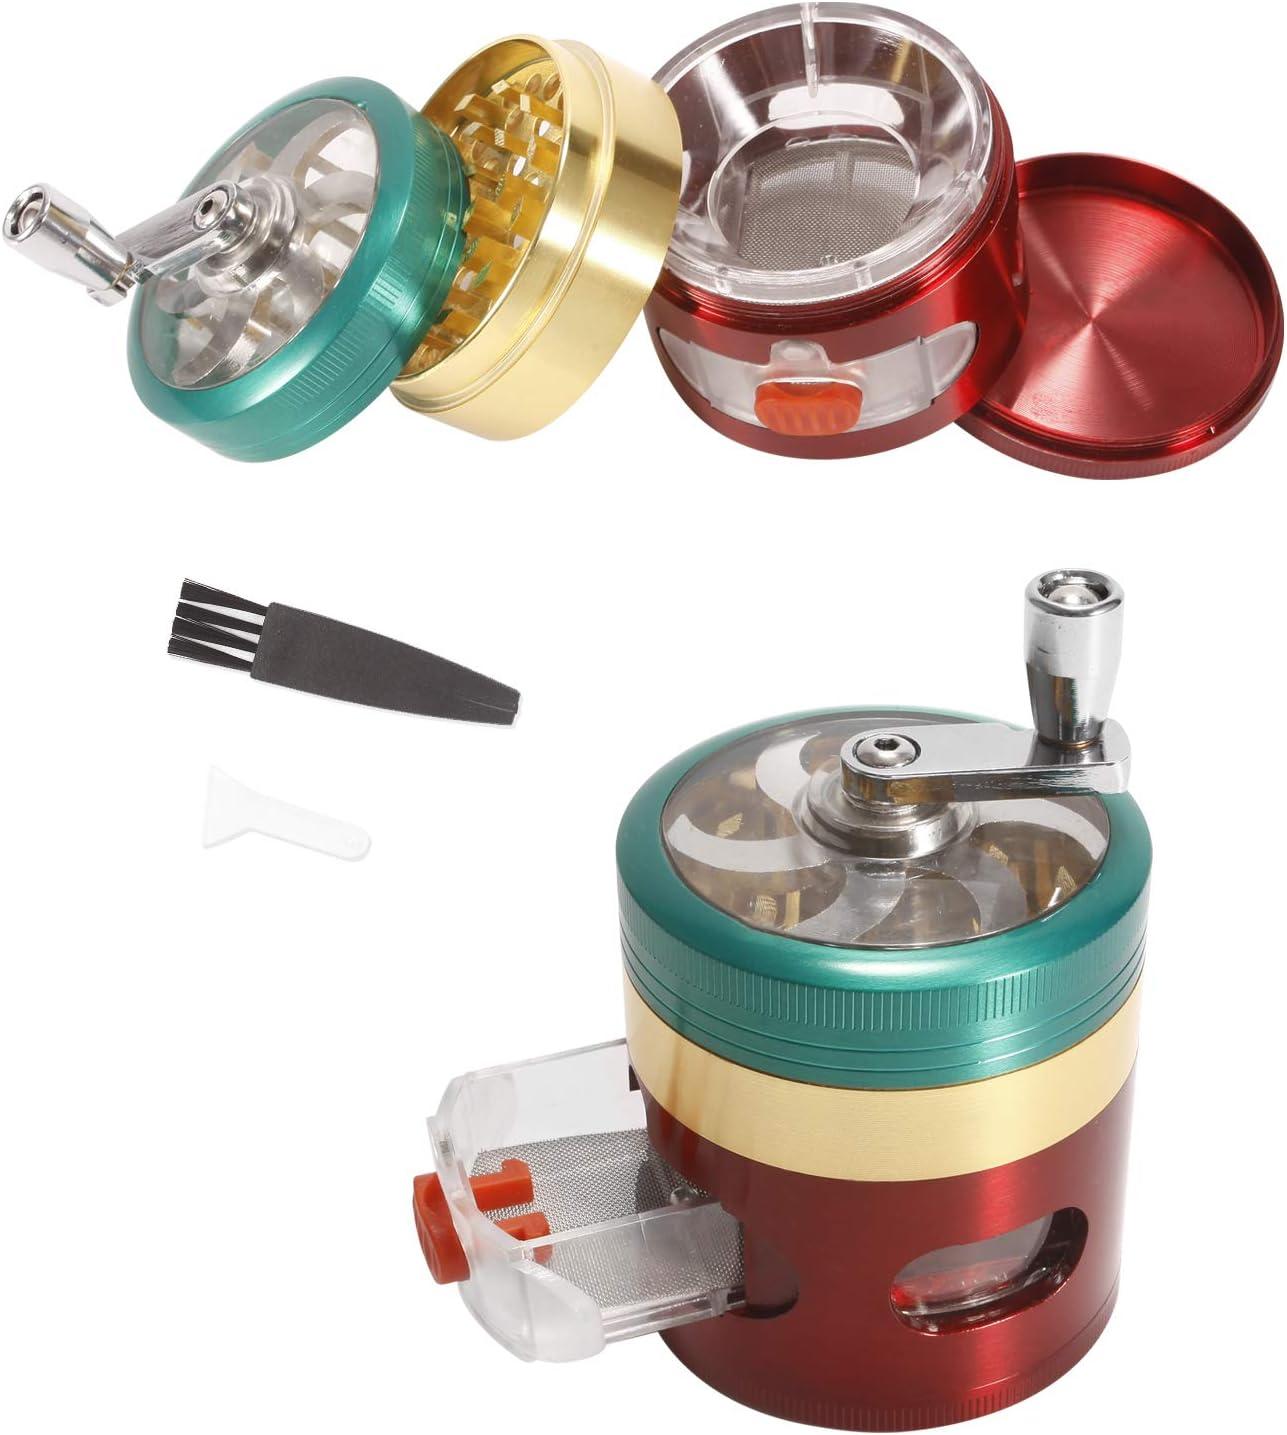 Insputer Grinder Molinillos Grinder de 4 Piezas de Zinc Molinillo de Aleación Vaporizador Especia Secas con Cubierta Magnética Molinillos Portátil(Color)